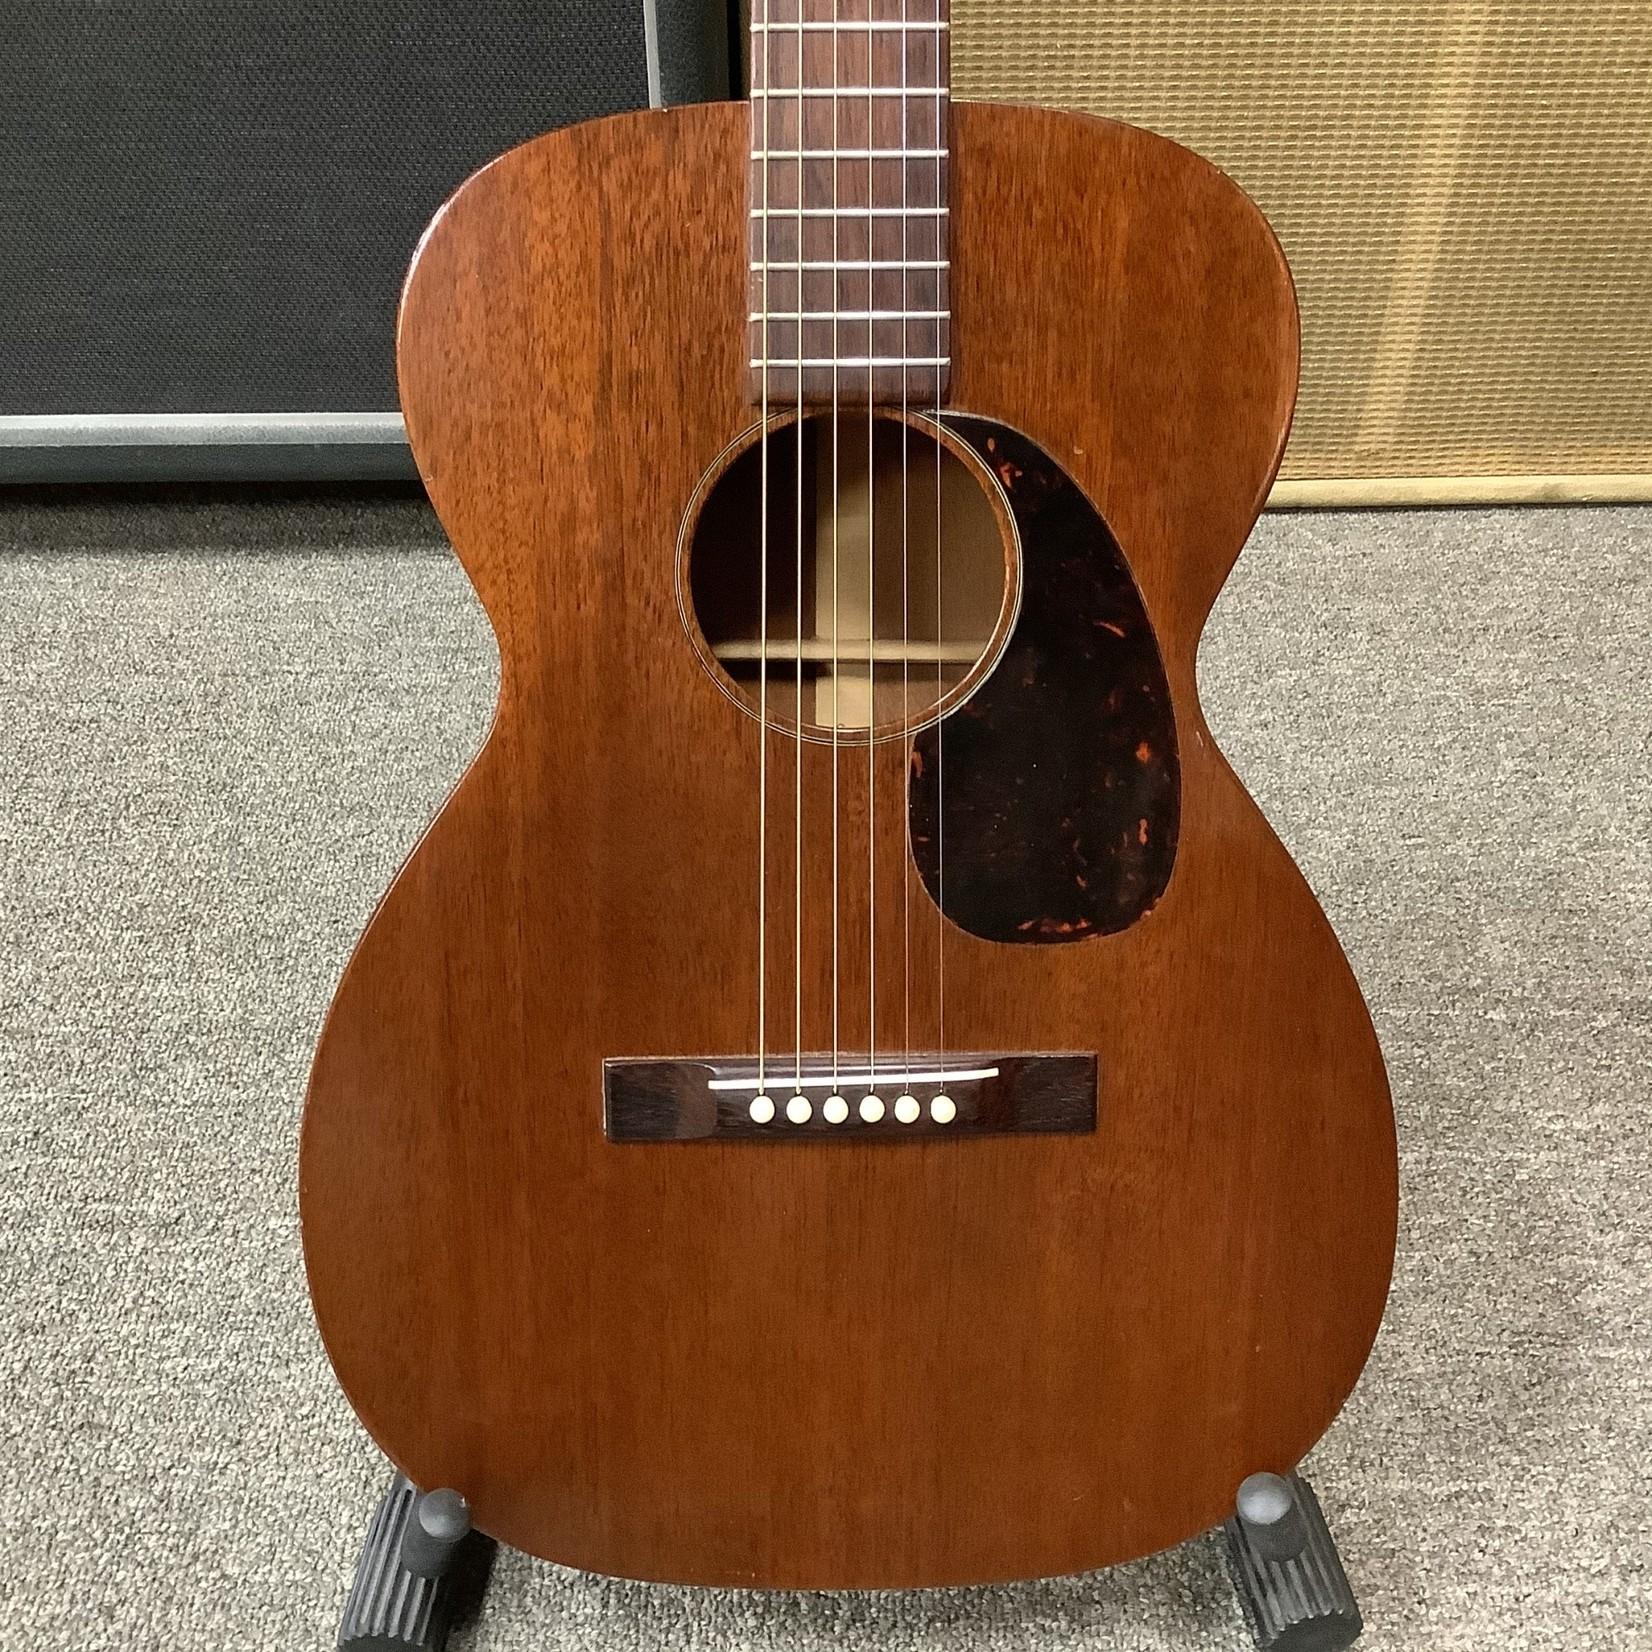 Martin 1958 Martin 0-15